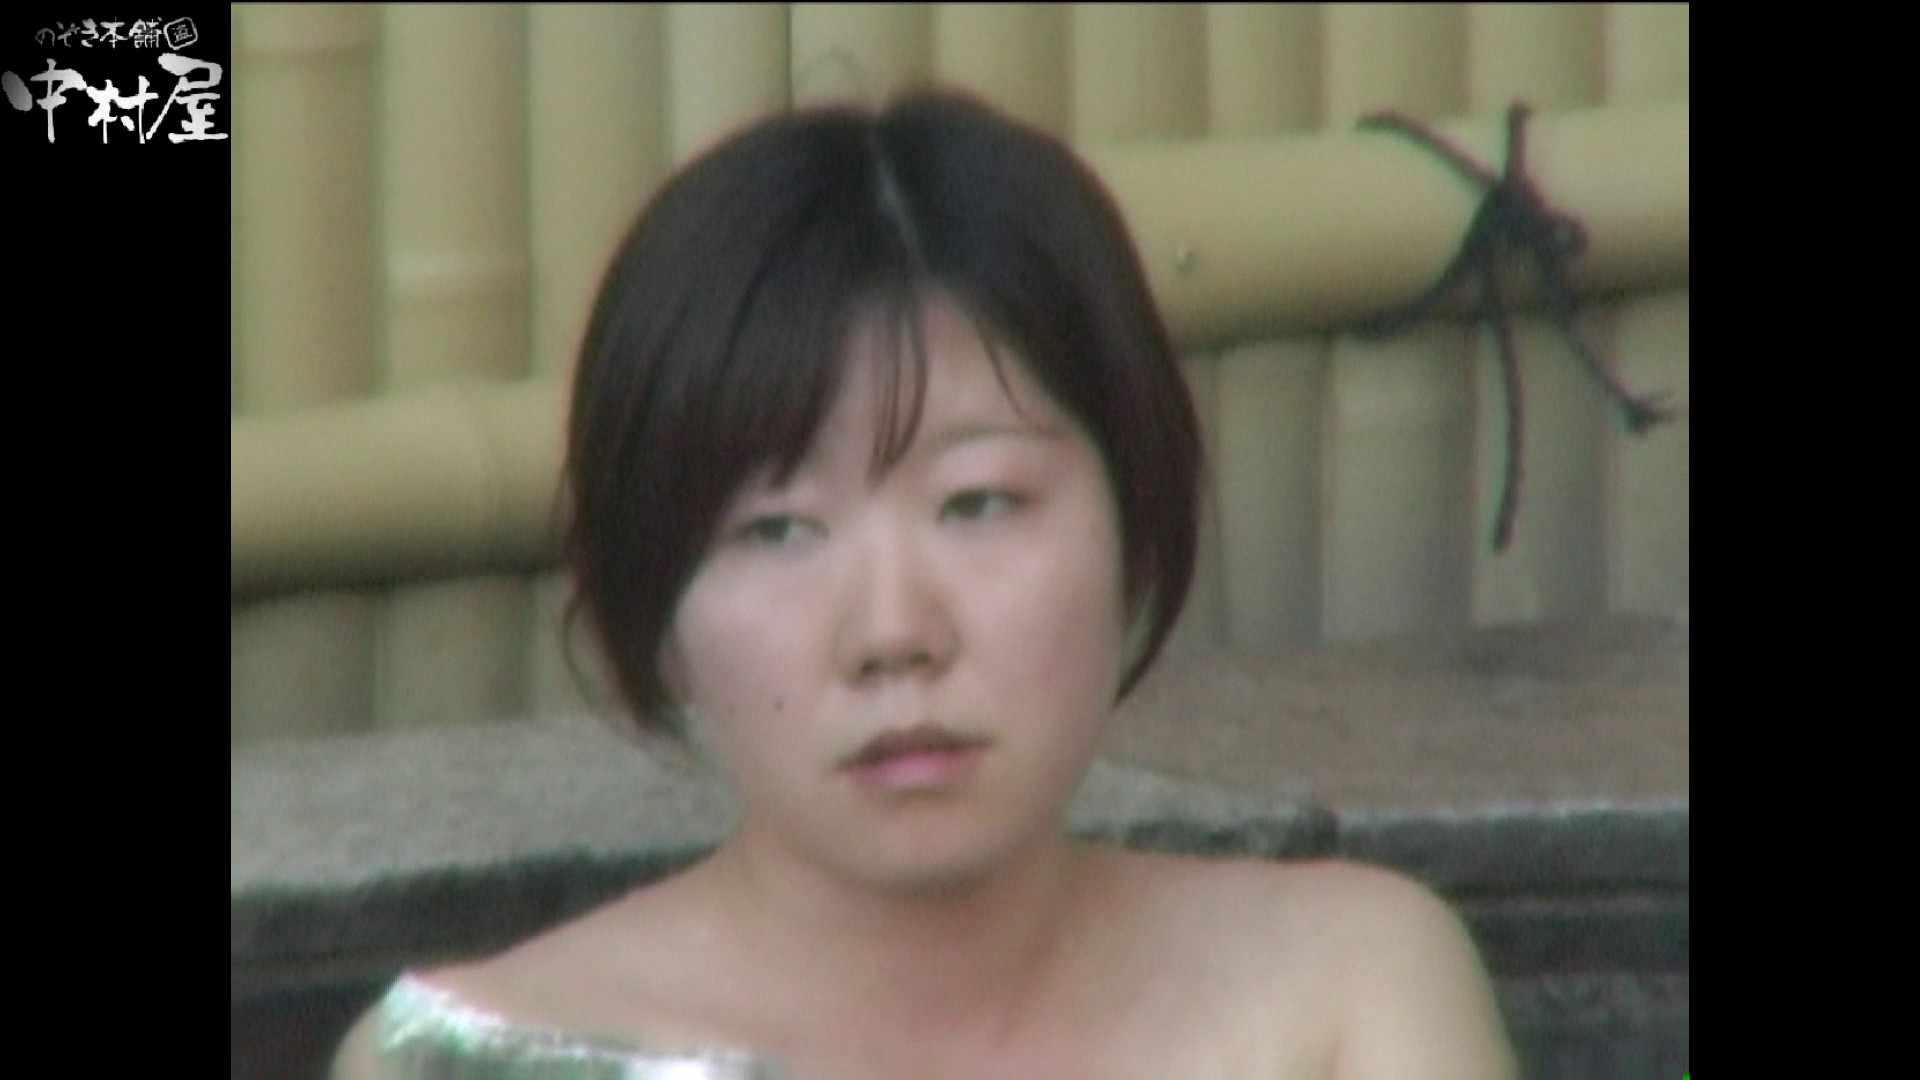 Aquaな露天風呂Vol.977 美しいOLの裸体 ヌード画像 83pic 14